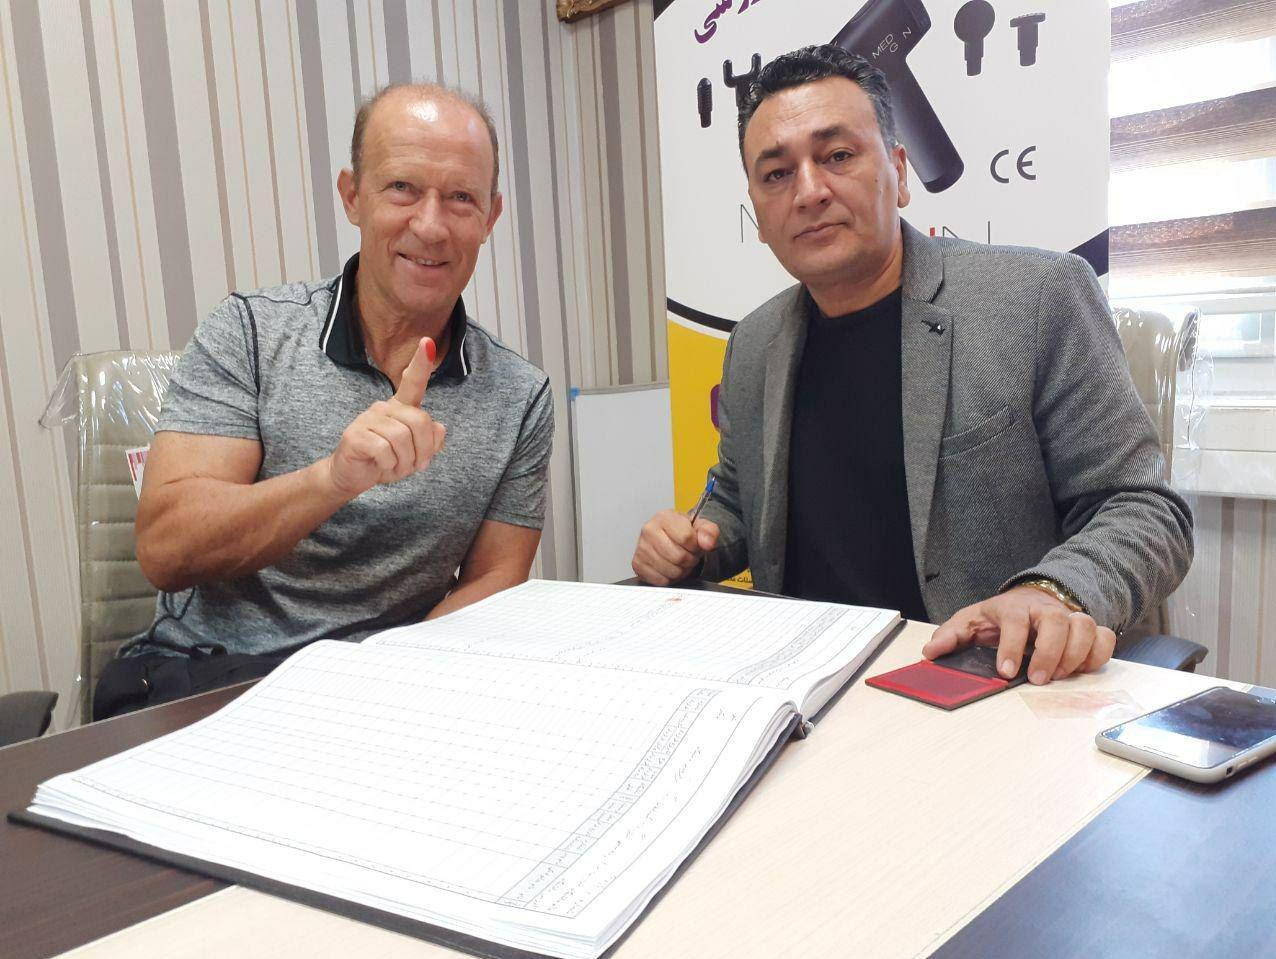 قرارداد کالدرون و رسن با پرسپولیس رسمی شد + عکس